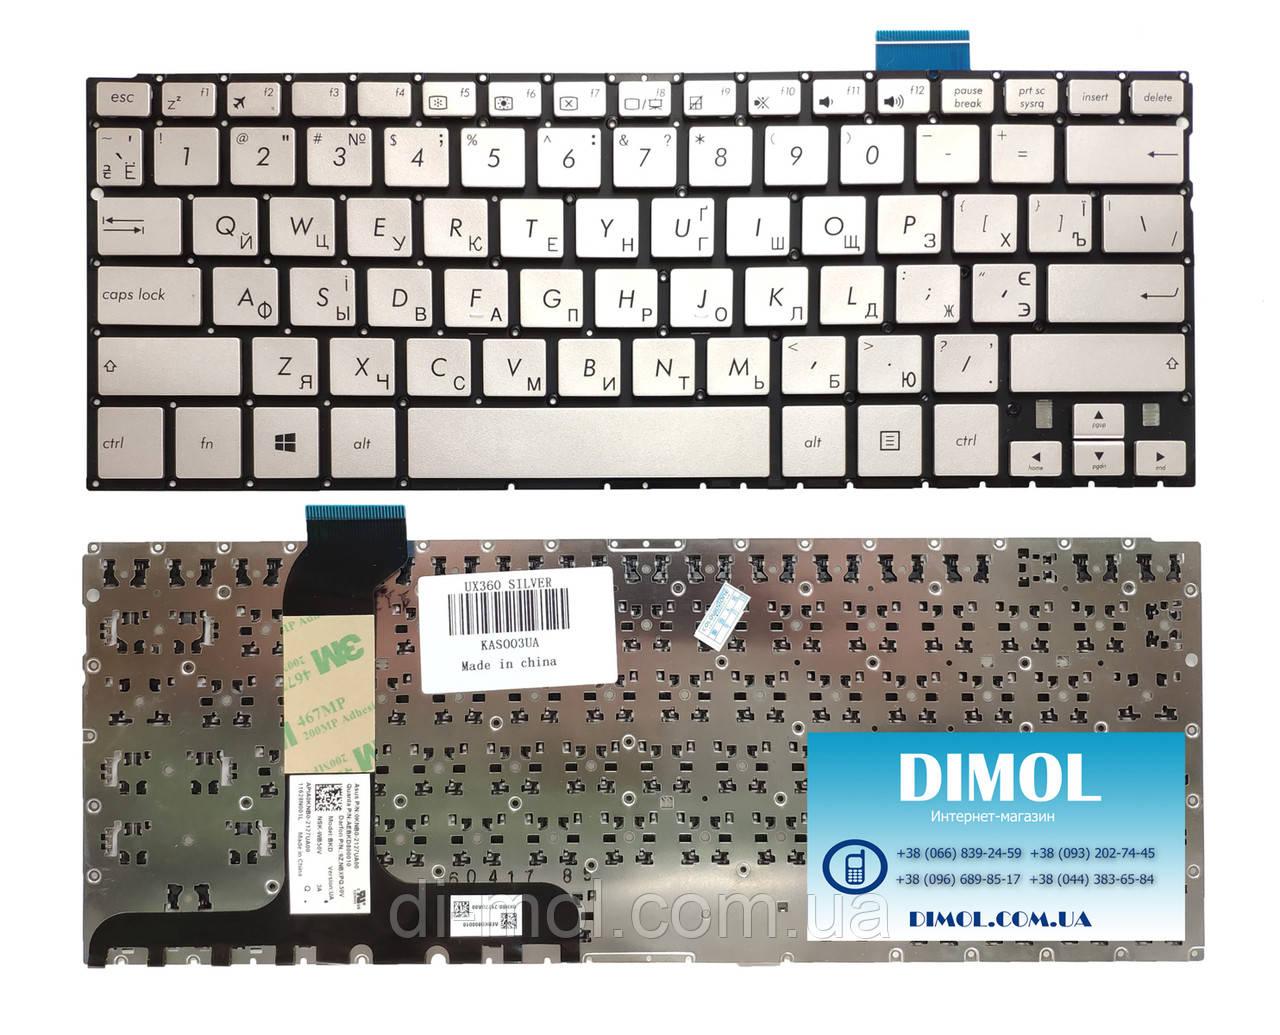 Оригінальна клавіатура для ноутбука Asus Zenbook UX360, UX360U, UX360UA, UX360UAK, UX360CA series, ru, silver